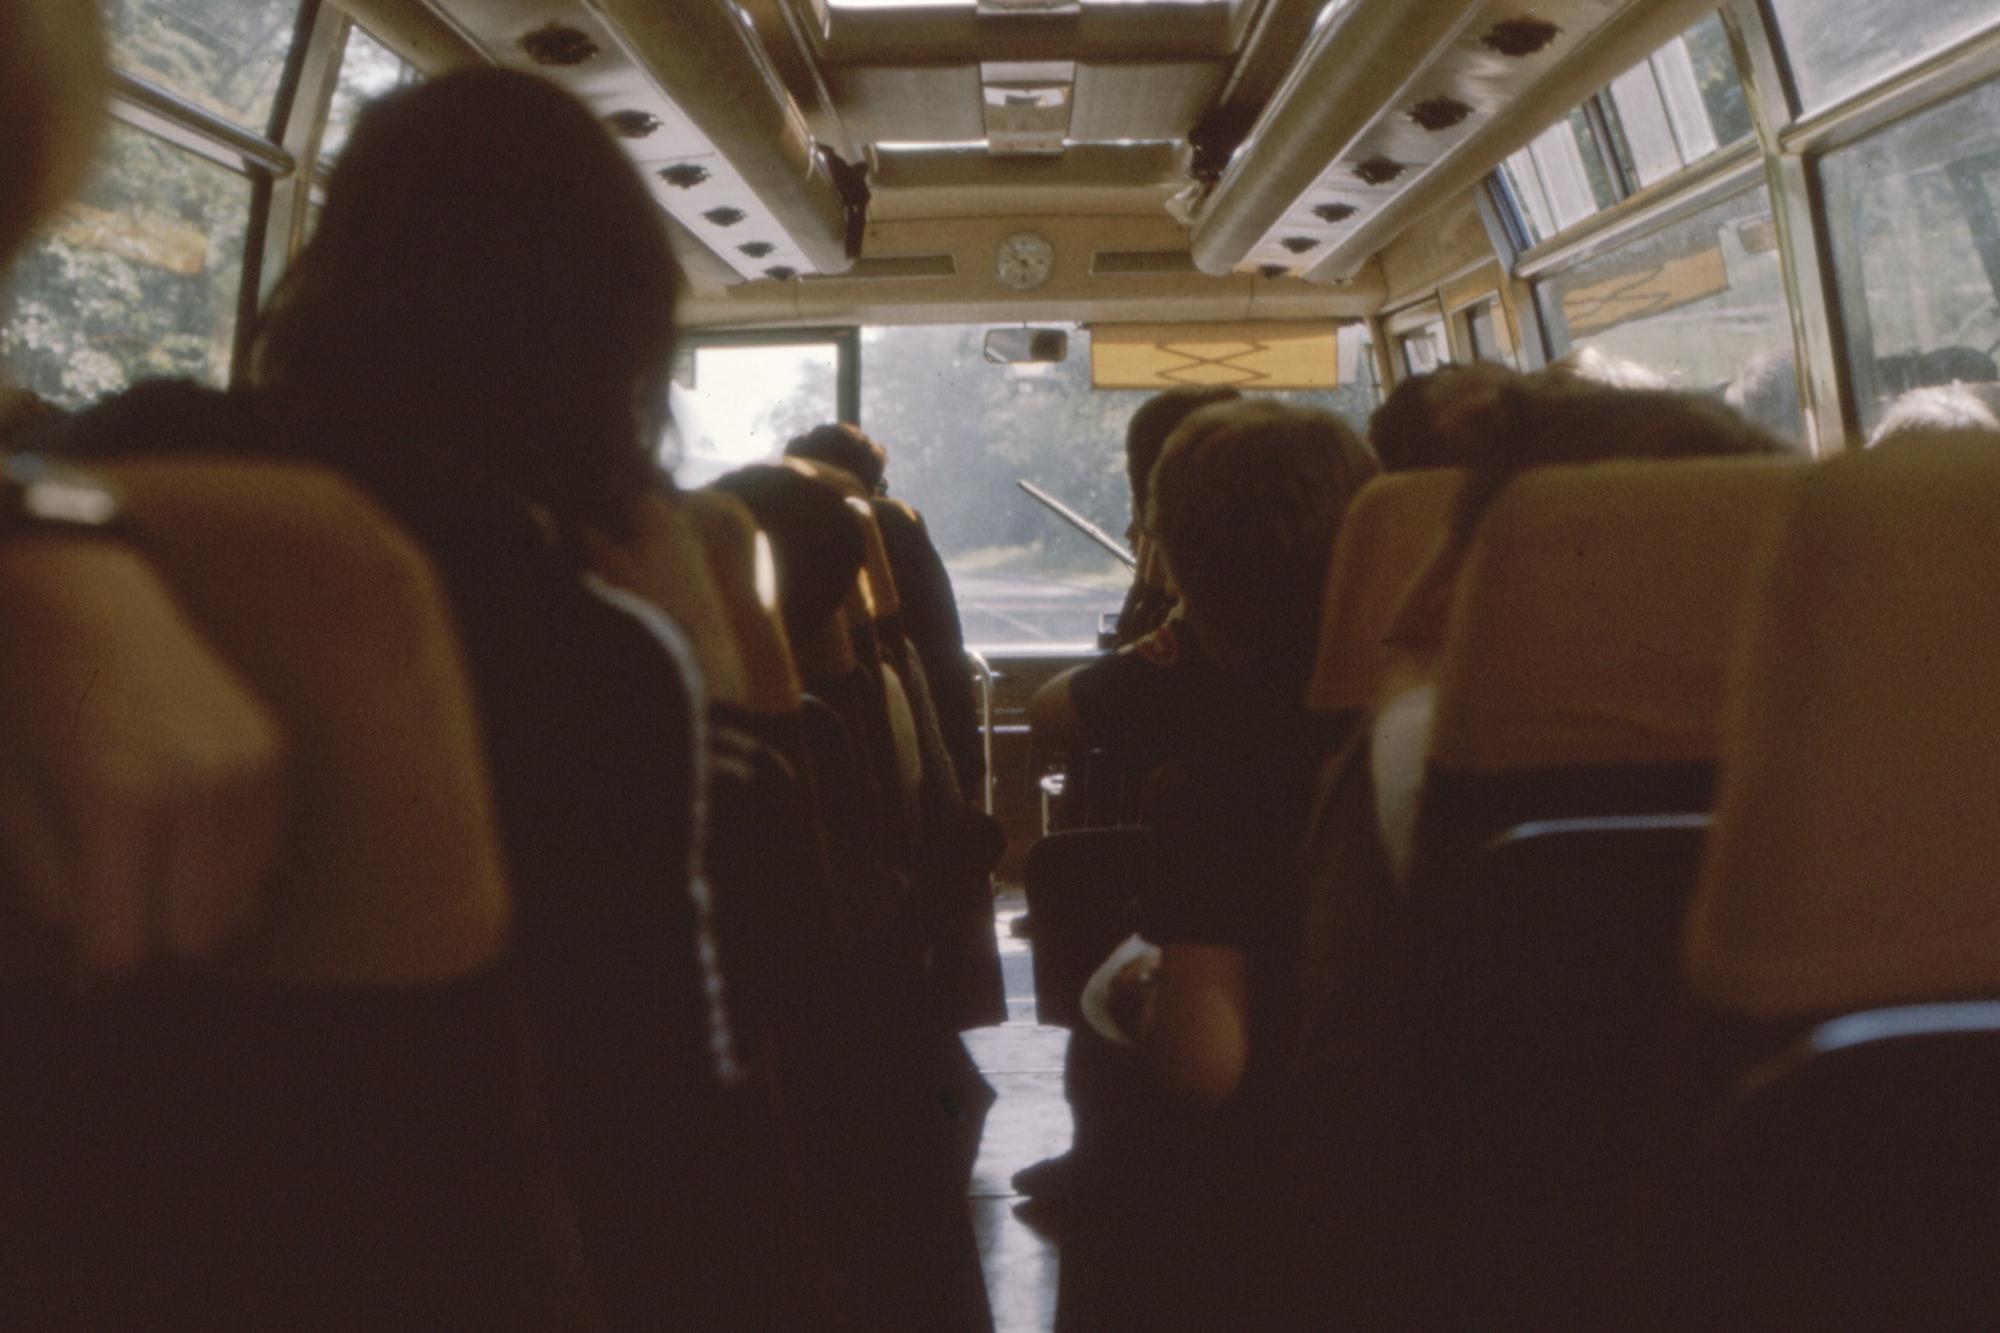 Business Trip ke Sumenep Pergi-Pulang